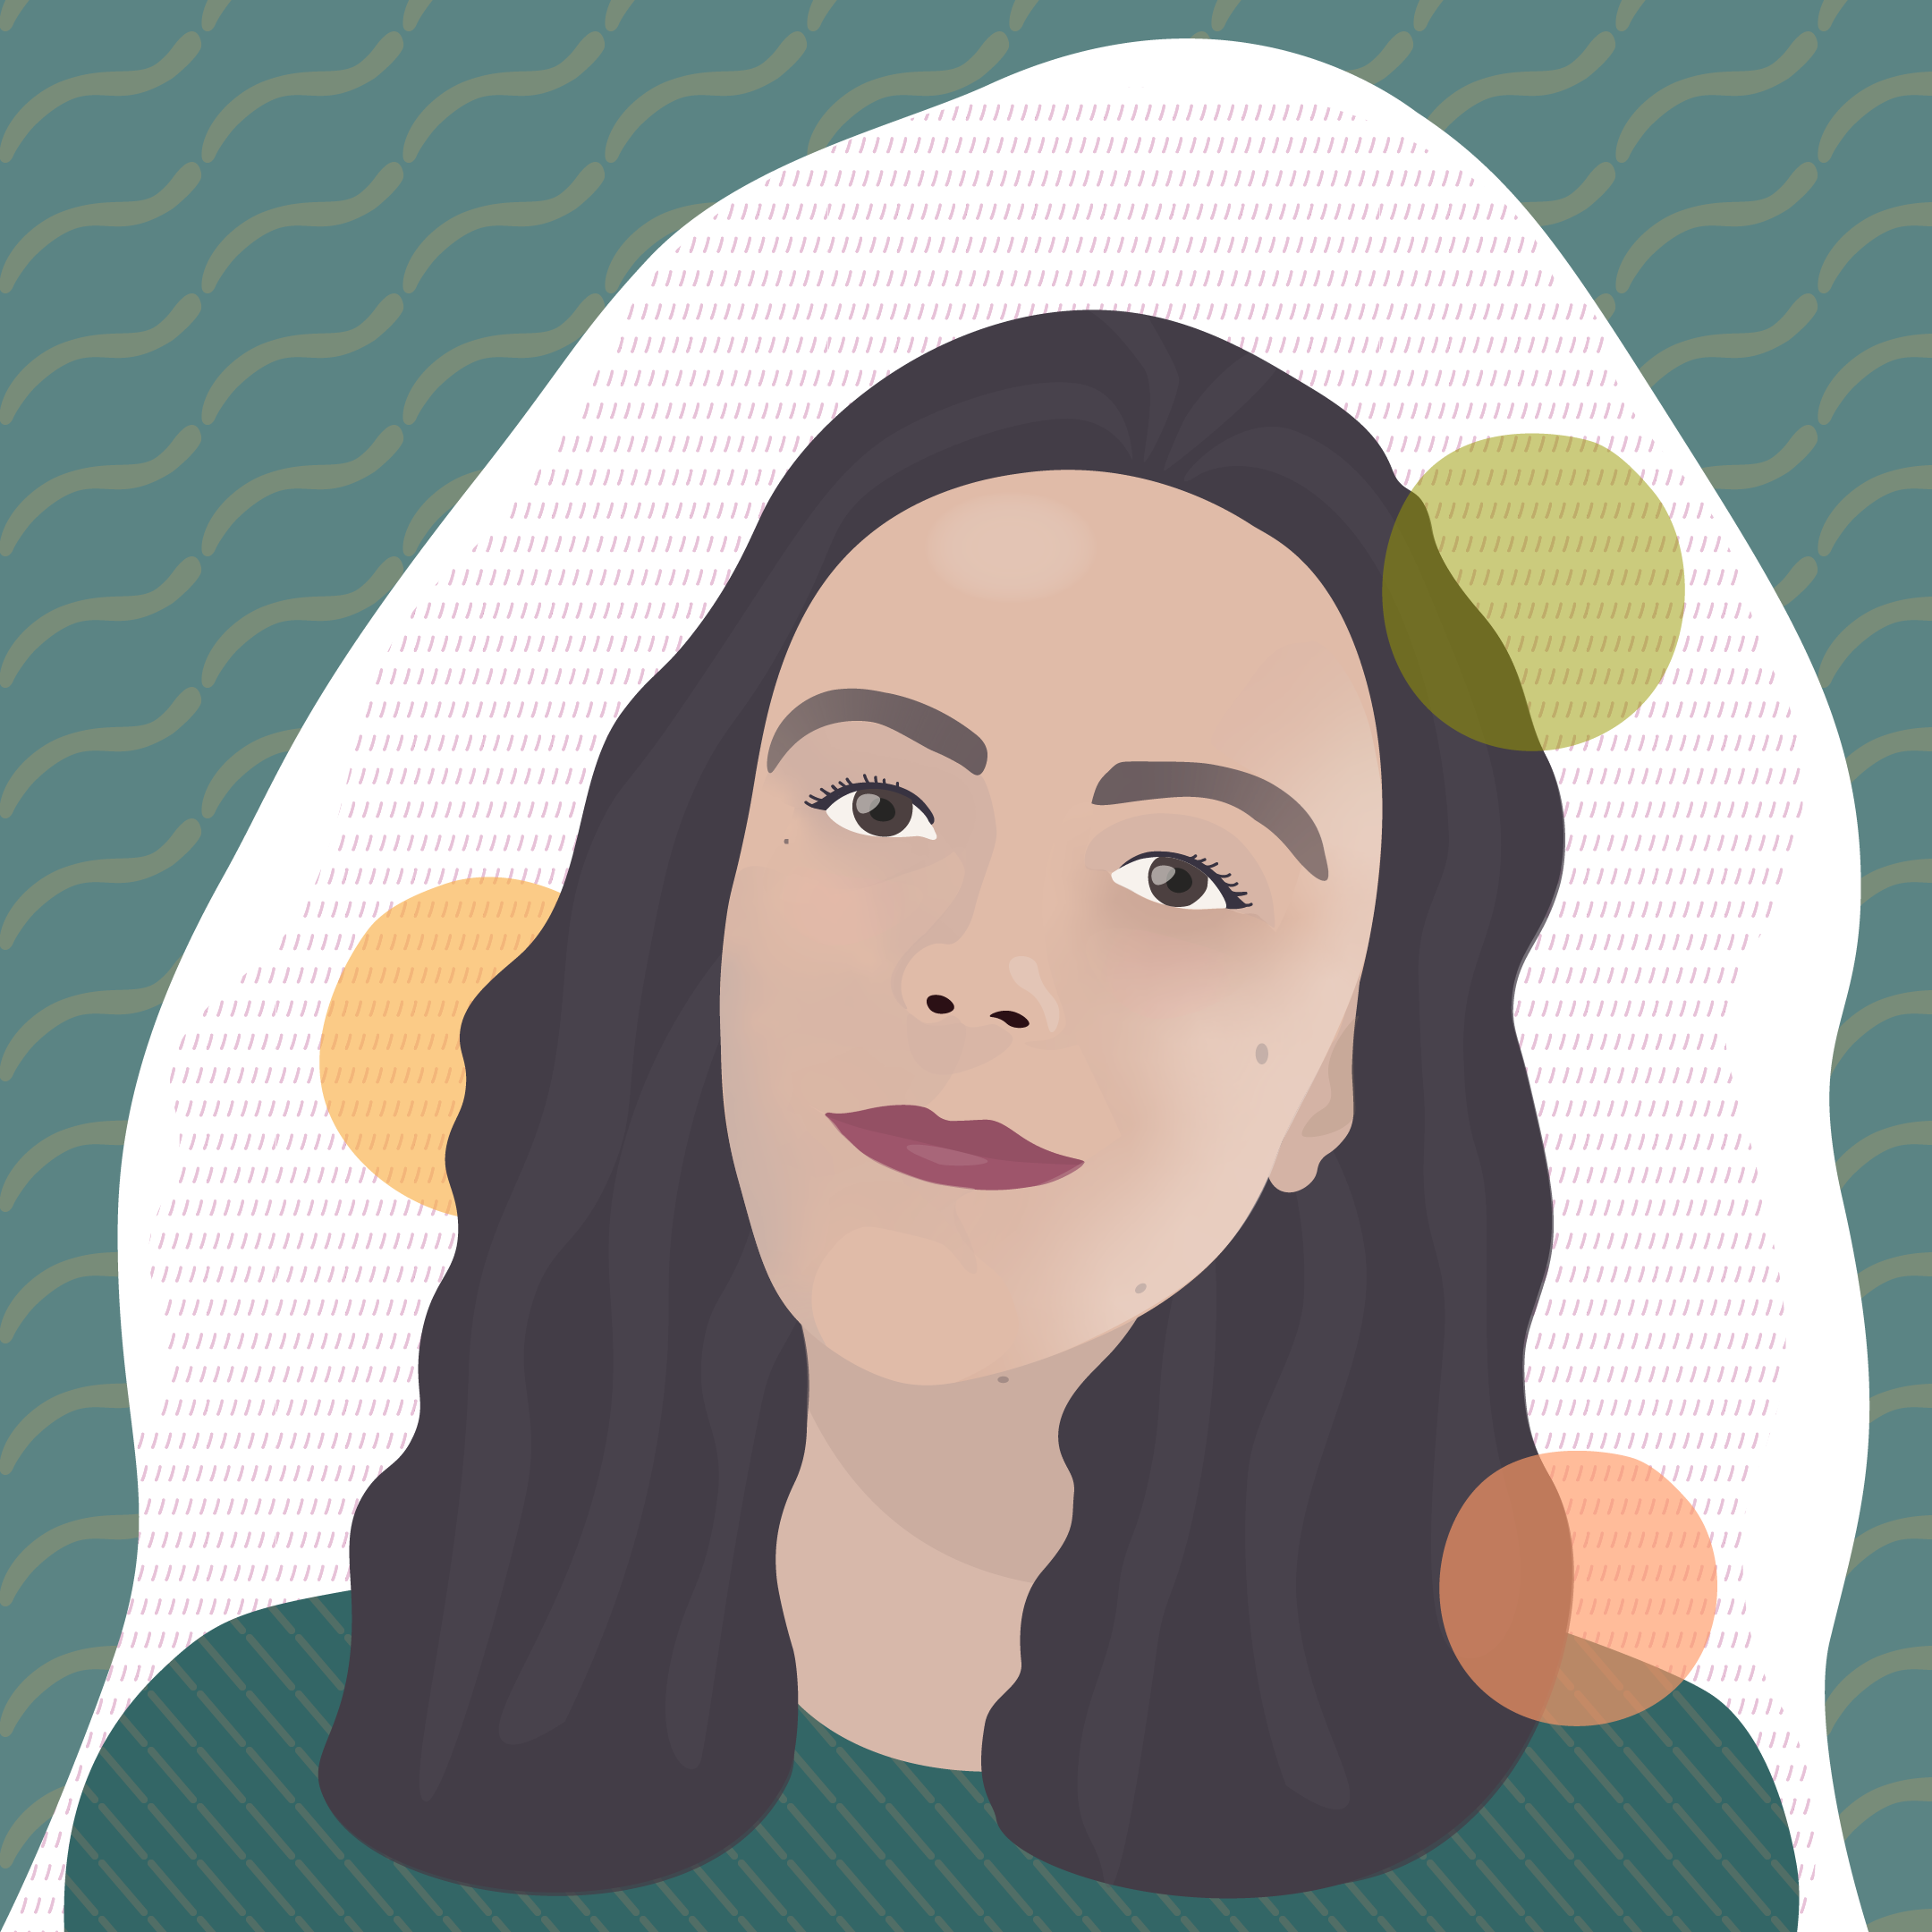 Portrait_OliviaKrishnaswami.png